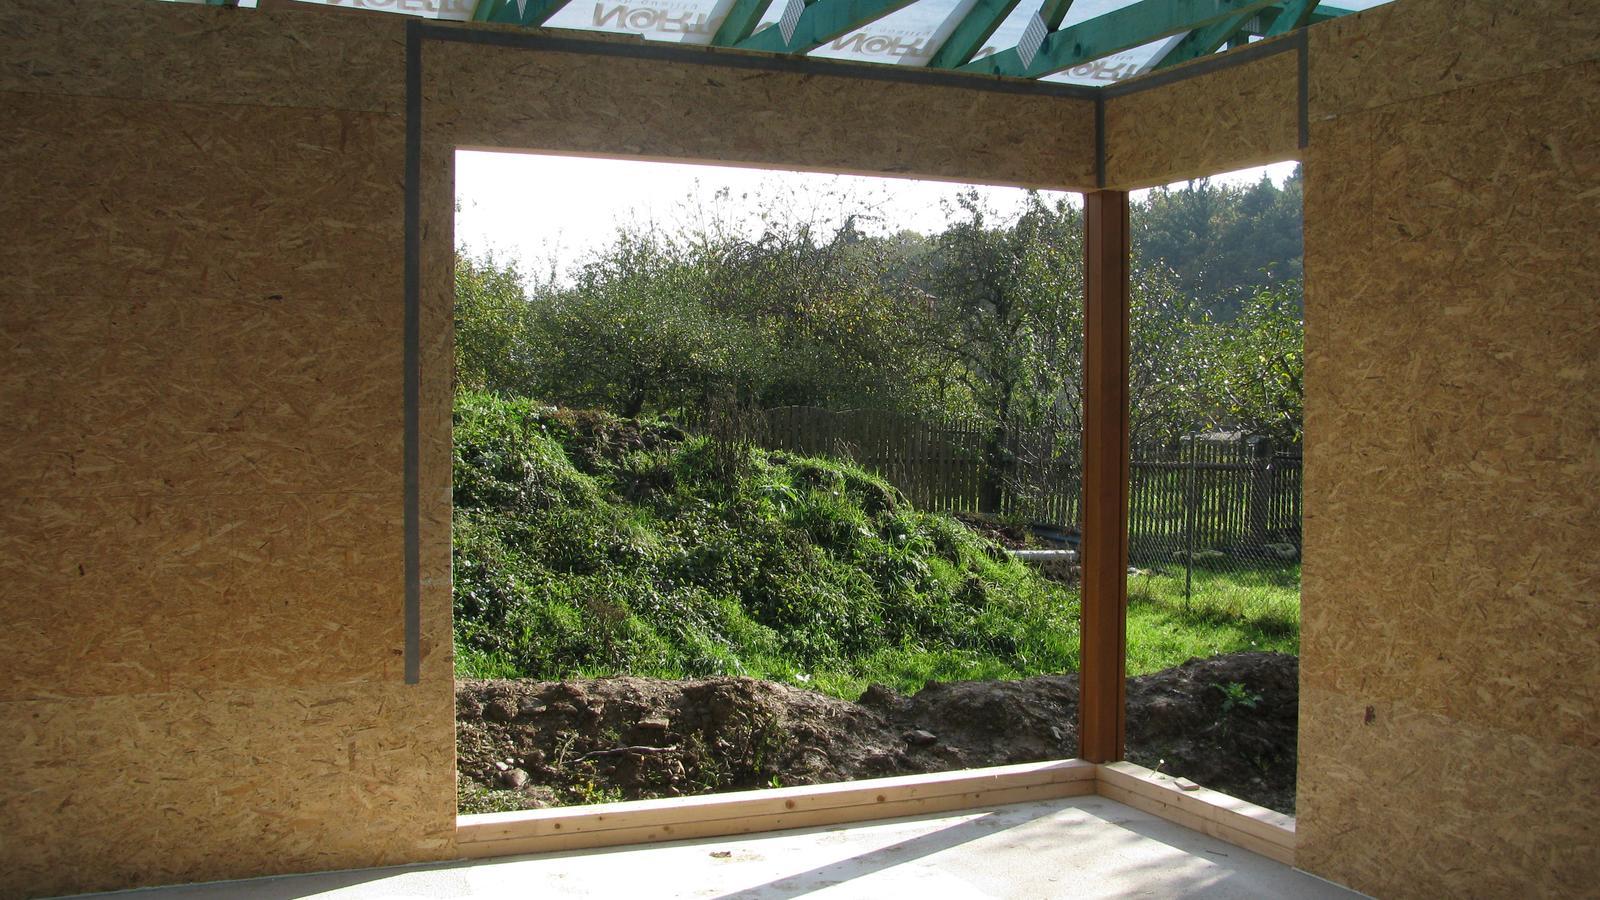 Naše DOMA 🏠 - rohové okno v obyváku